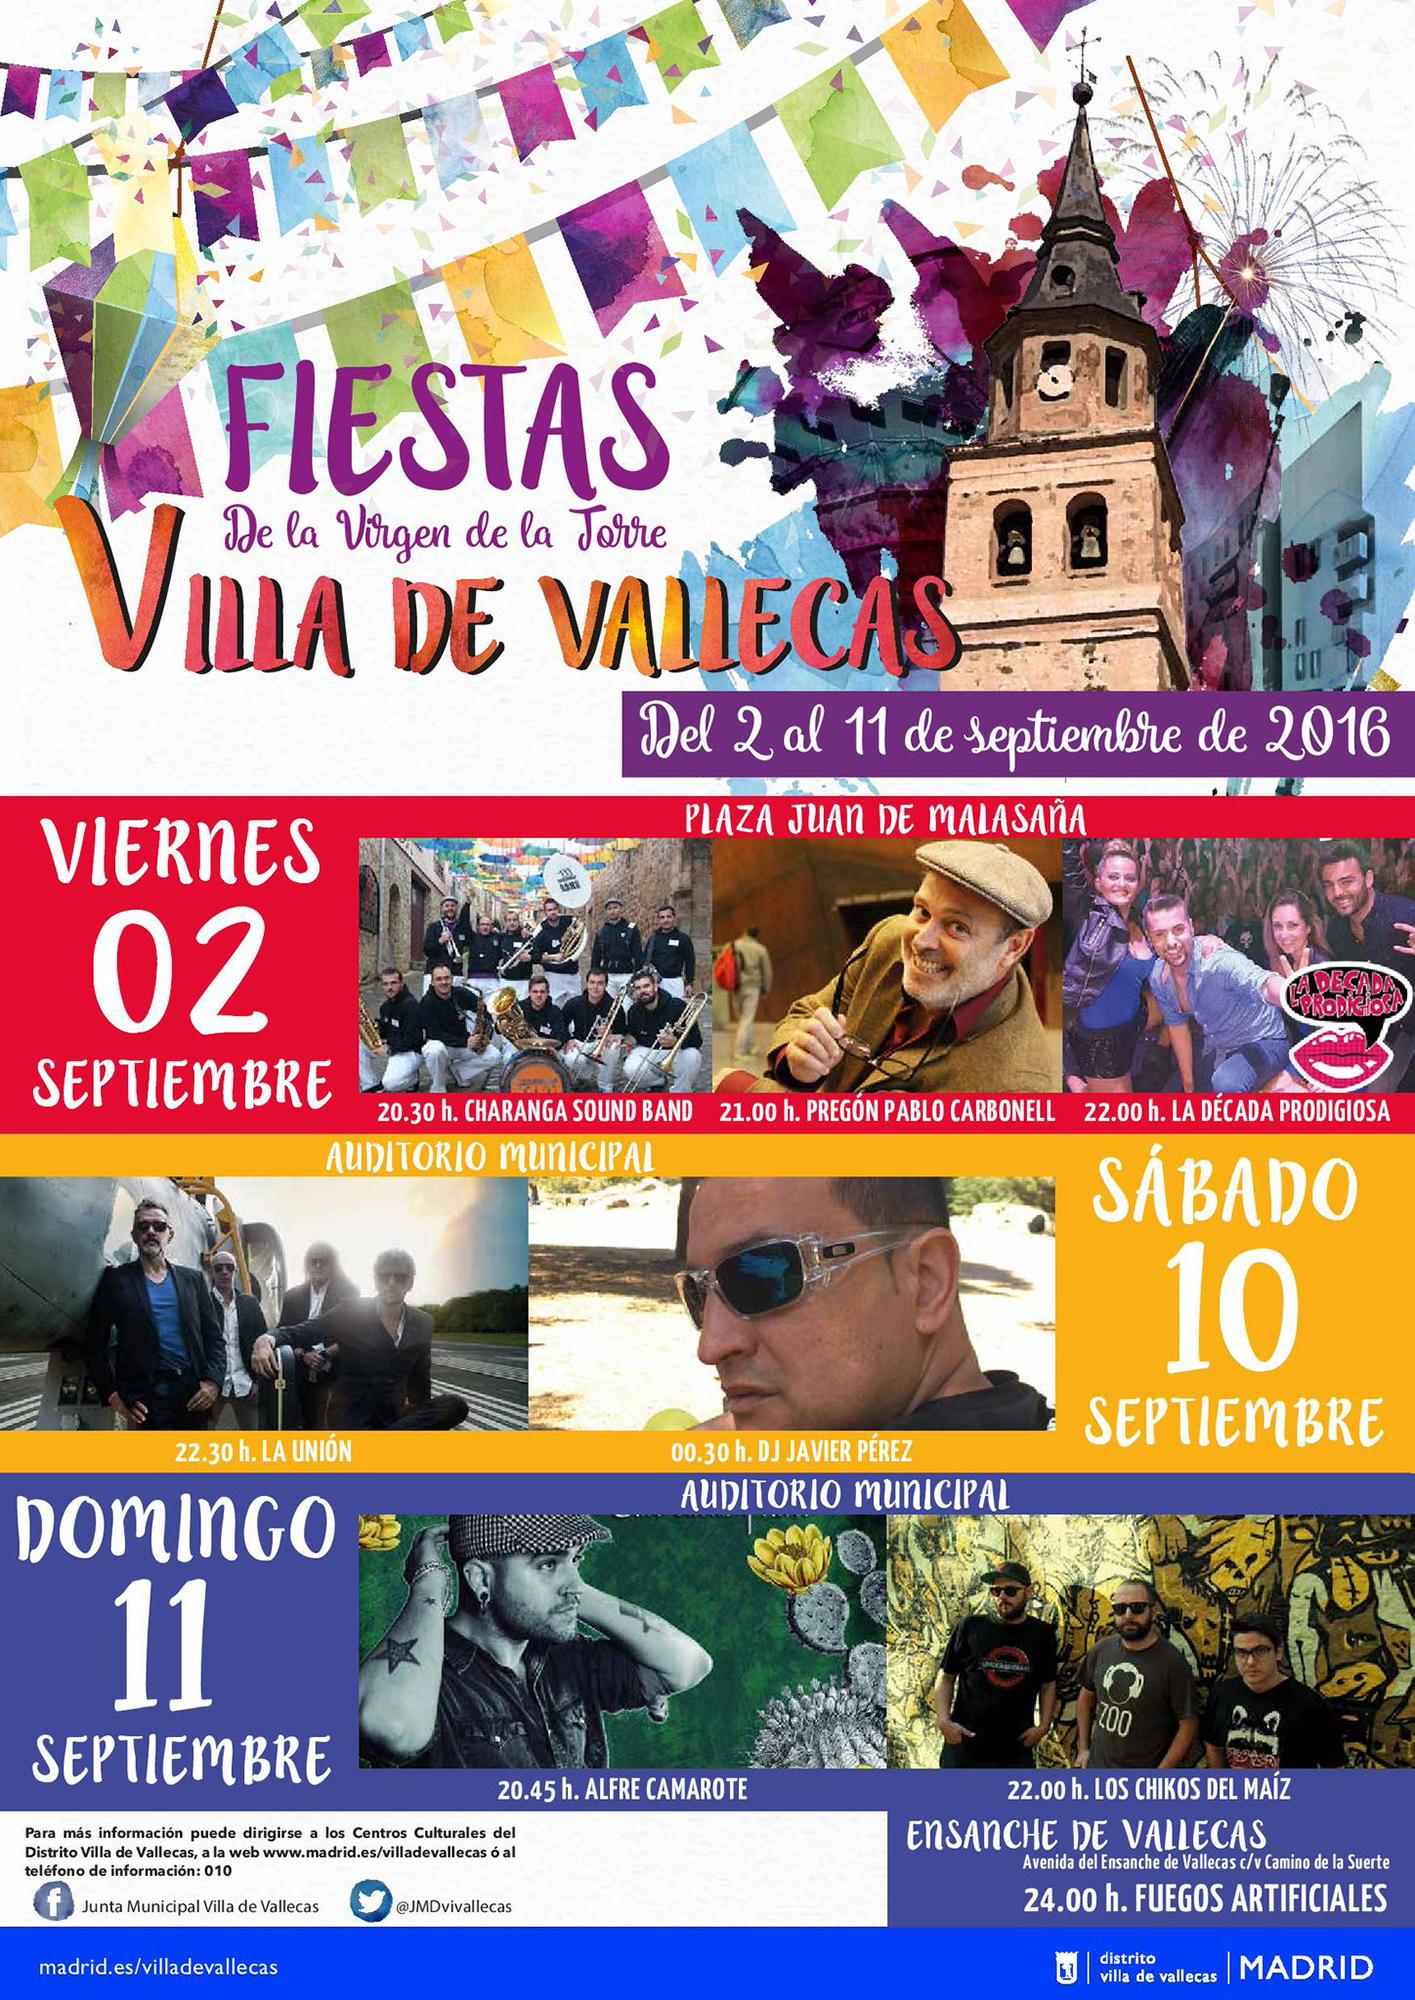 Fiestas-Villa-de-Vallecas-Virgen-de-la-Torre-2016_Pag00